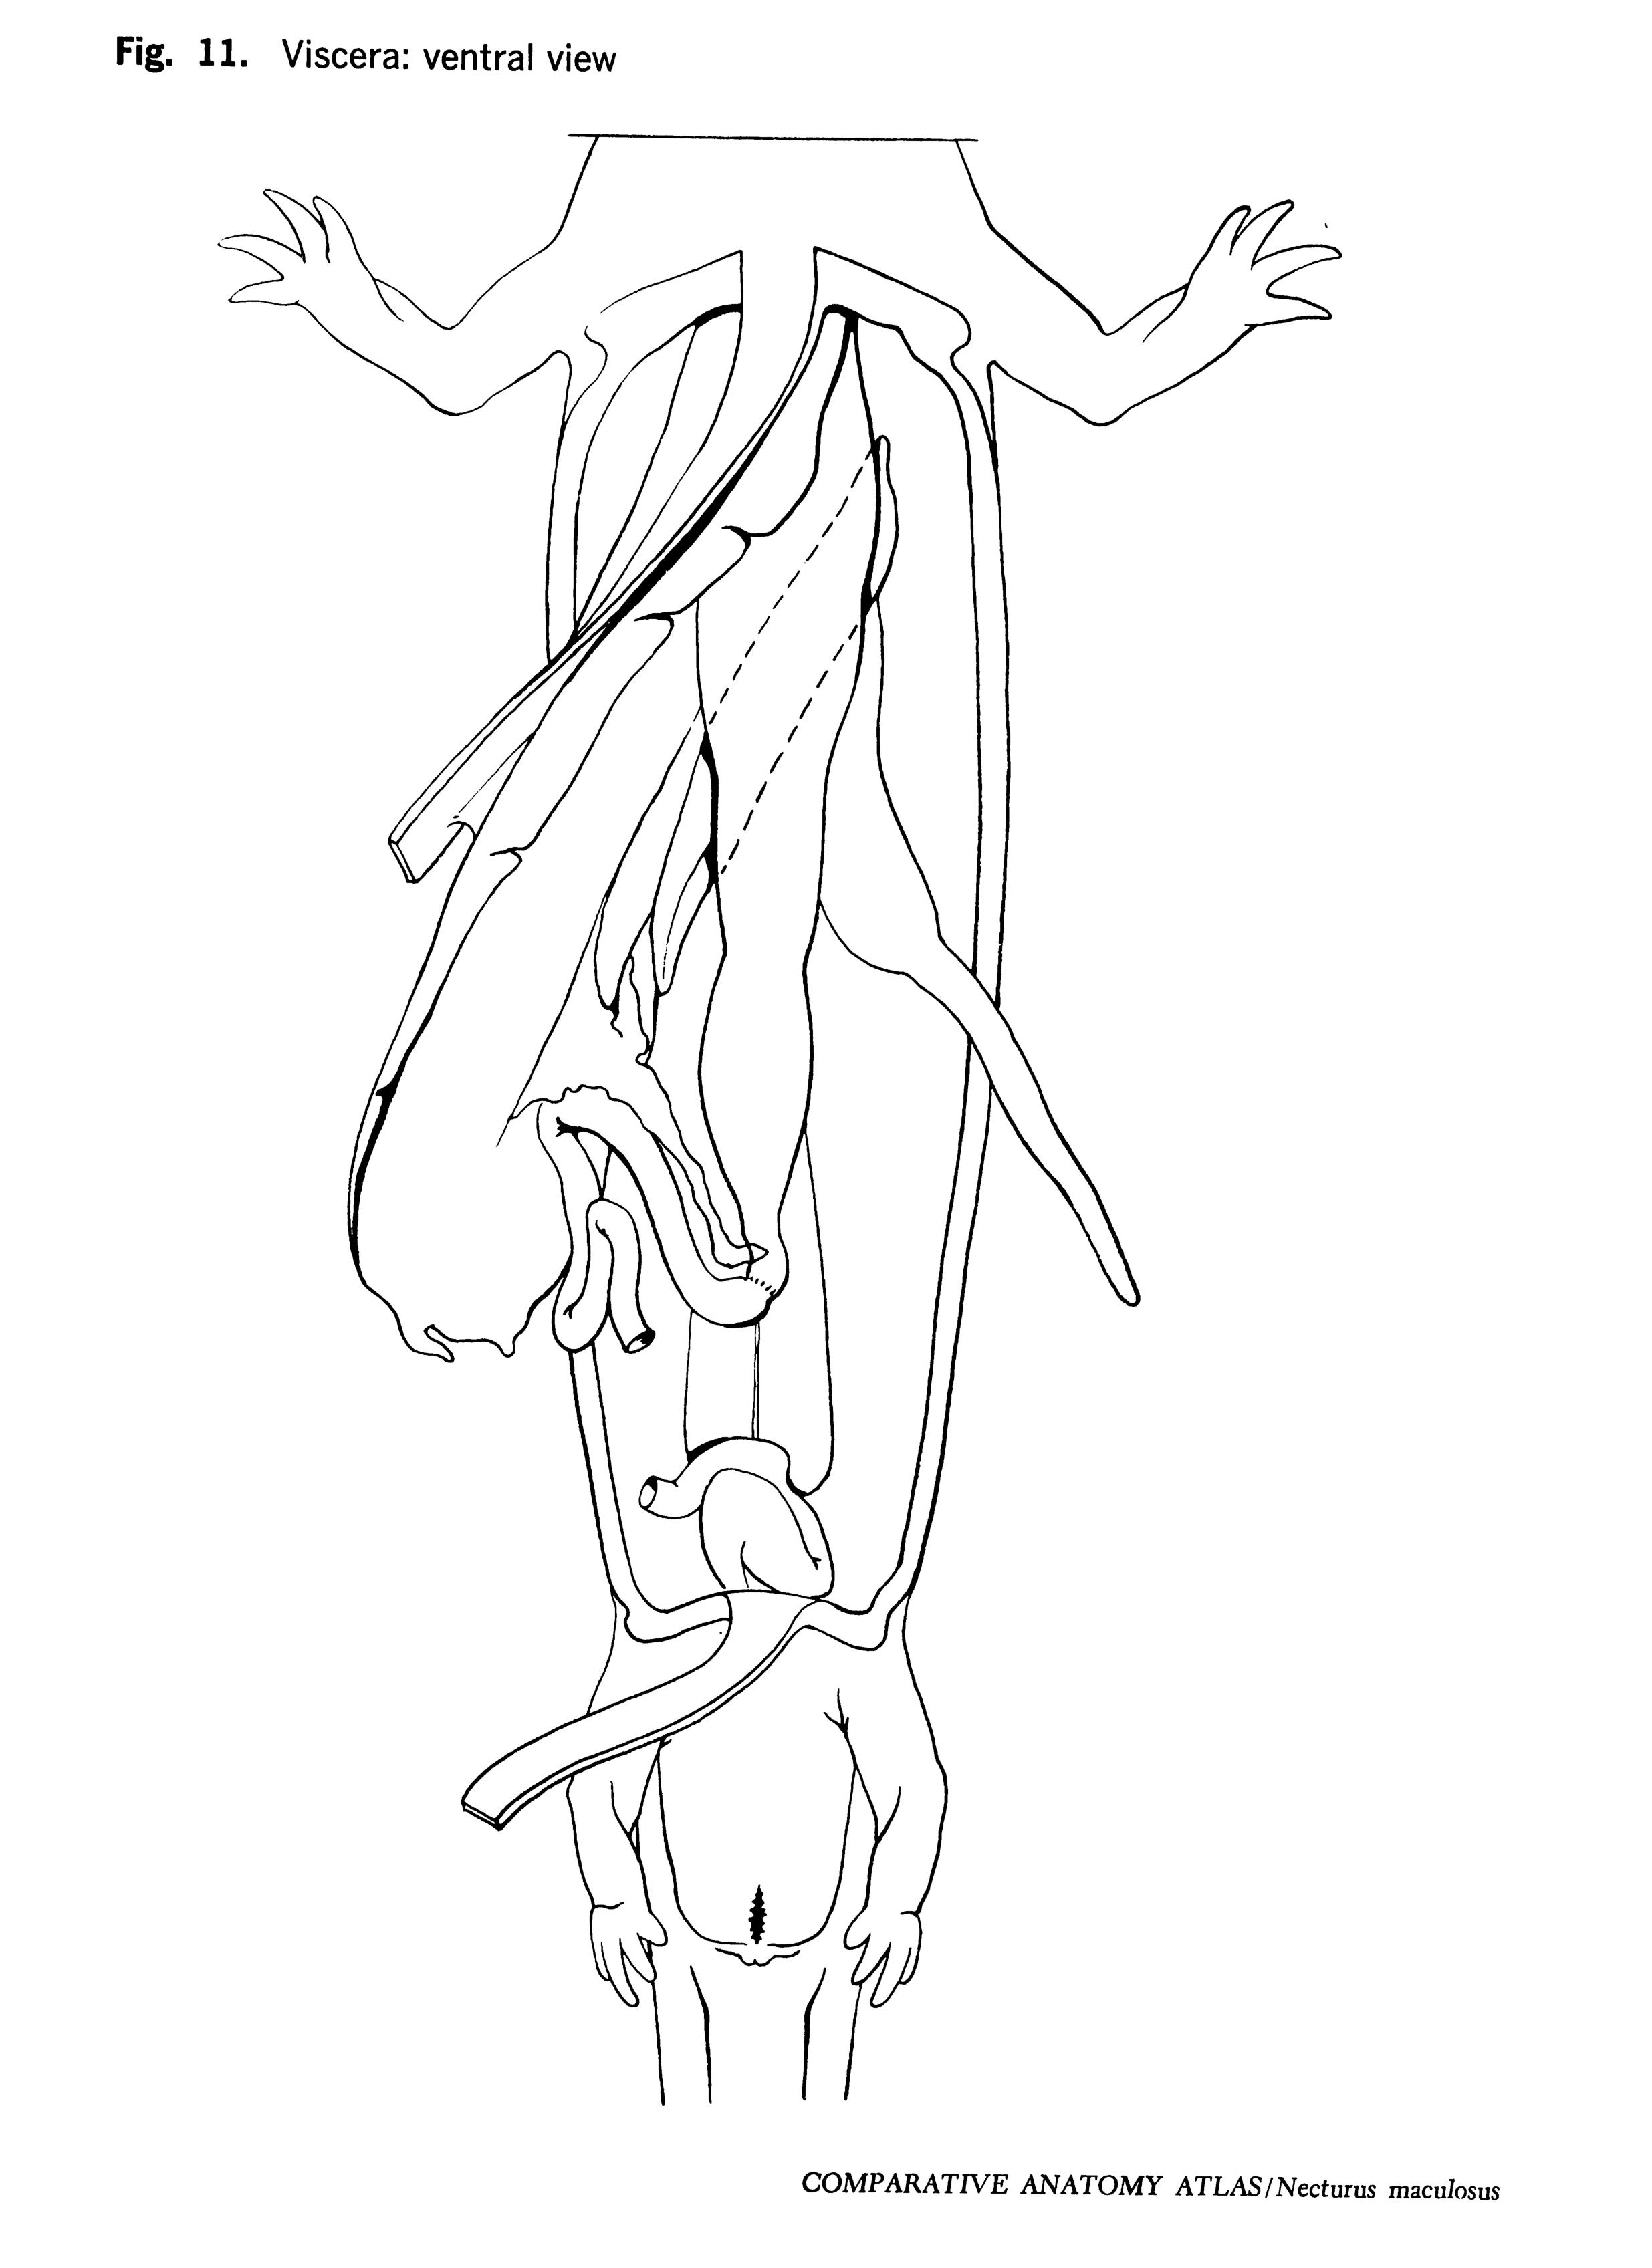 Necturus maculosus Figure 11